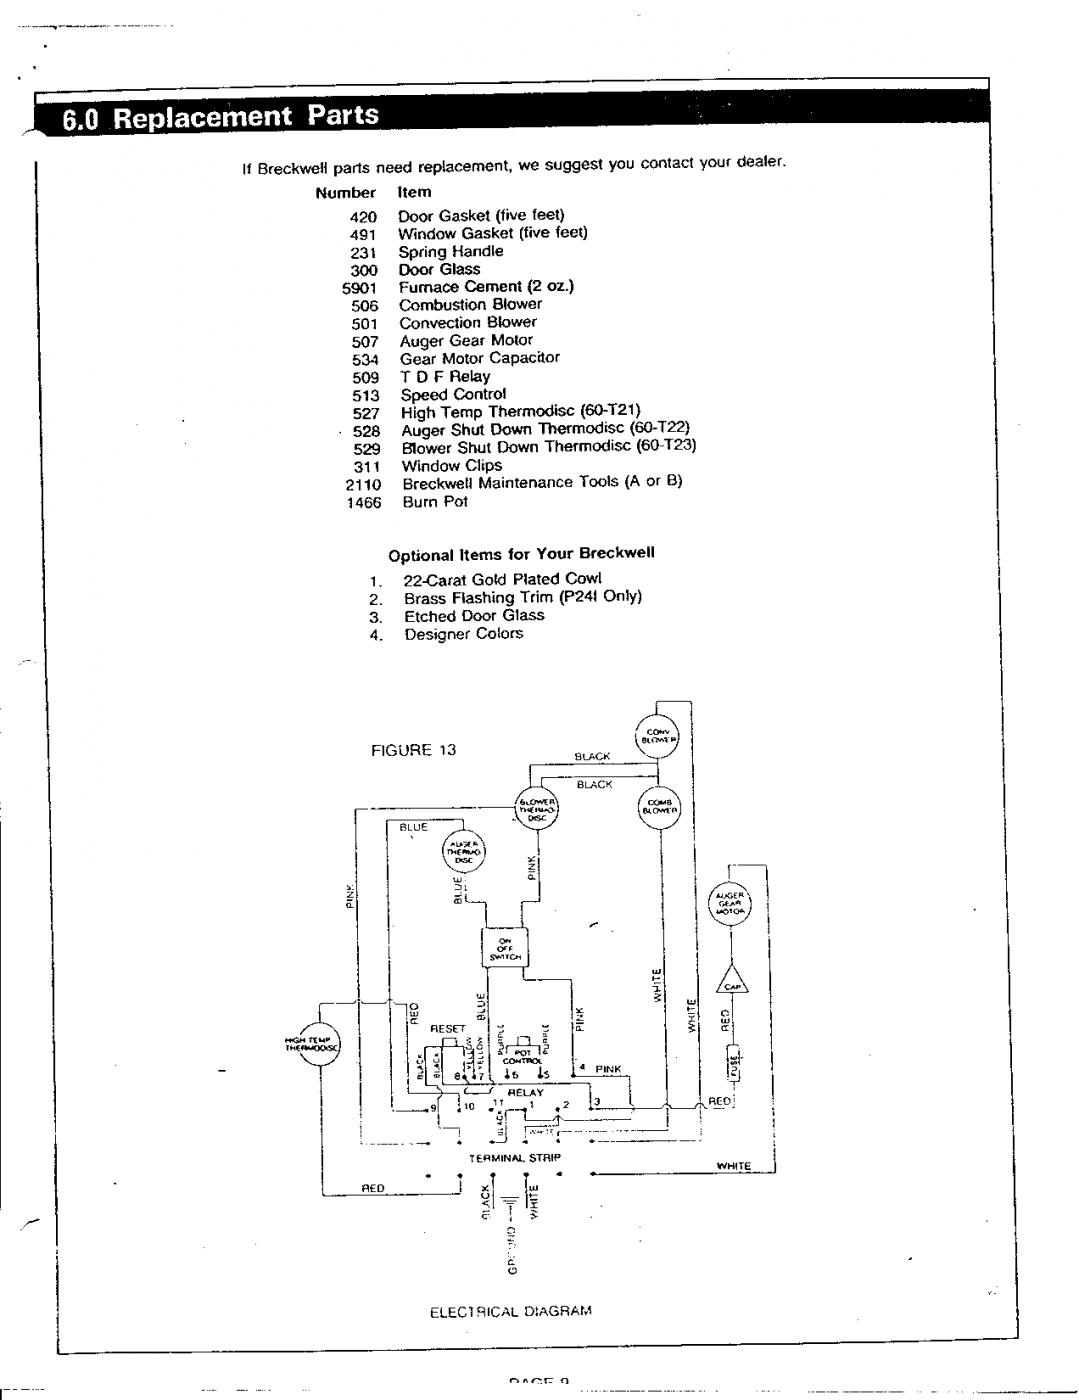 Chevy 5 3 Vortec Engine Diagram Besides Duramax Engine Wiring Harness